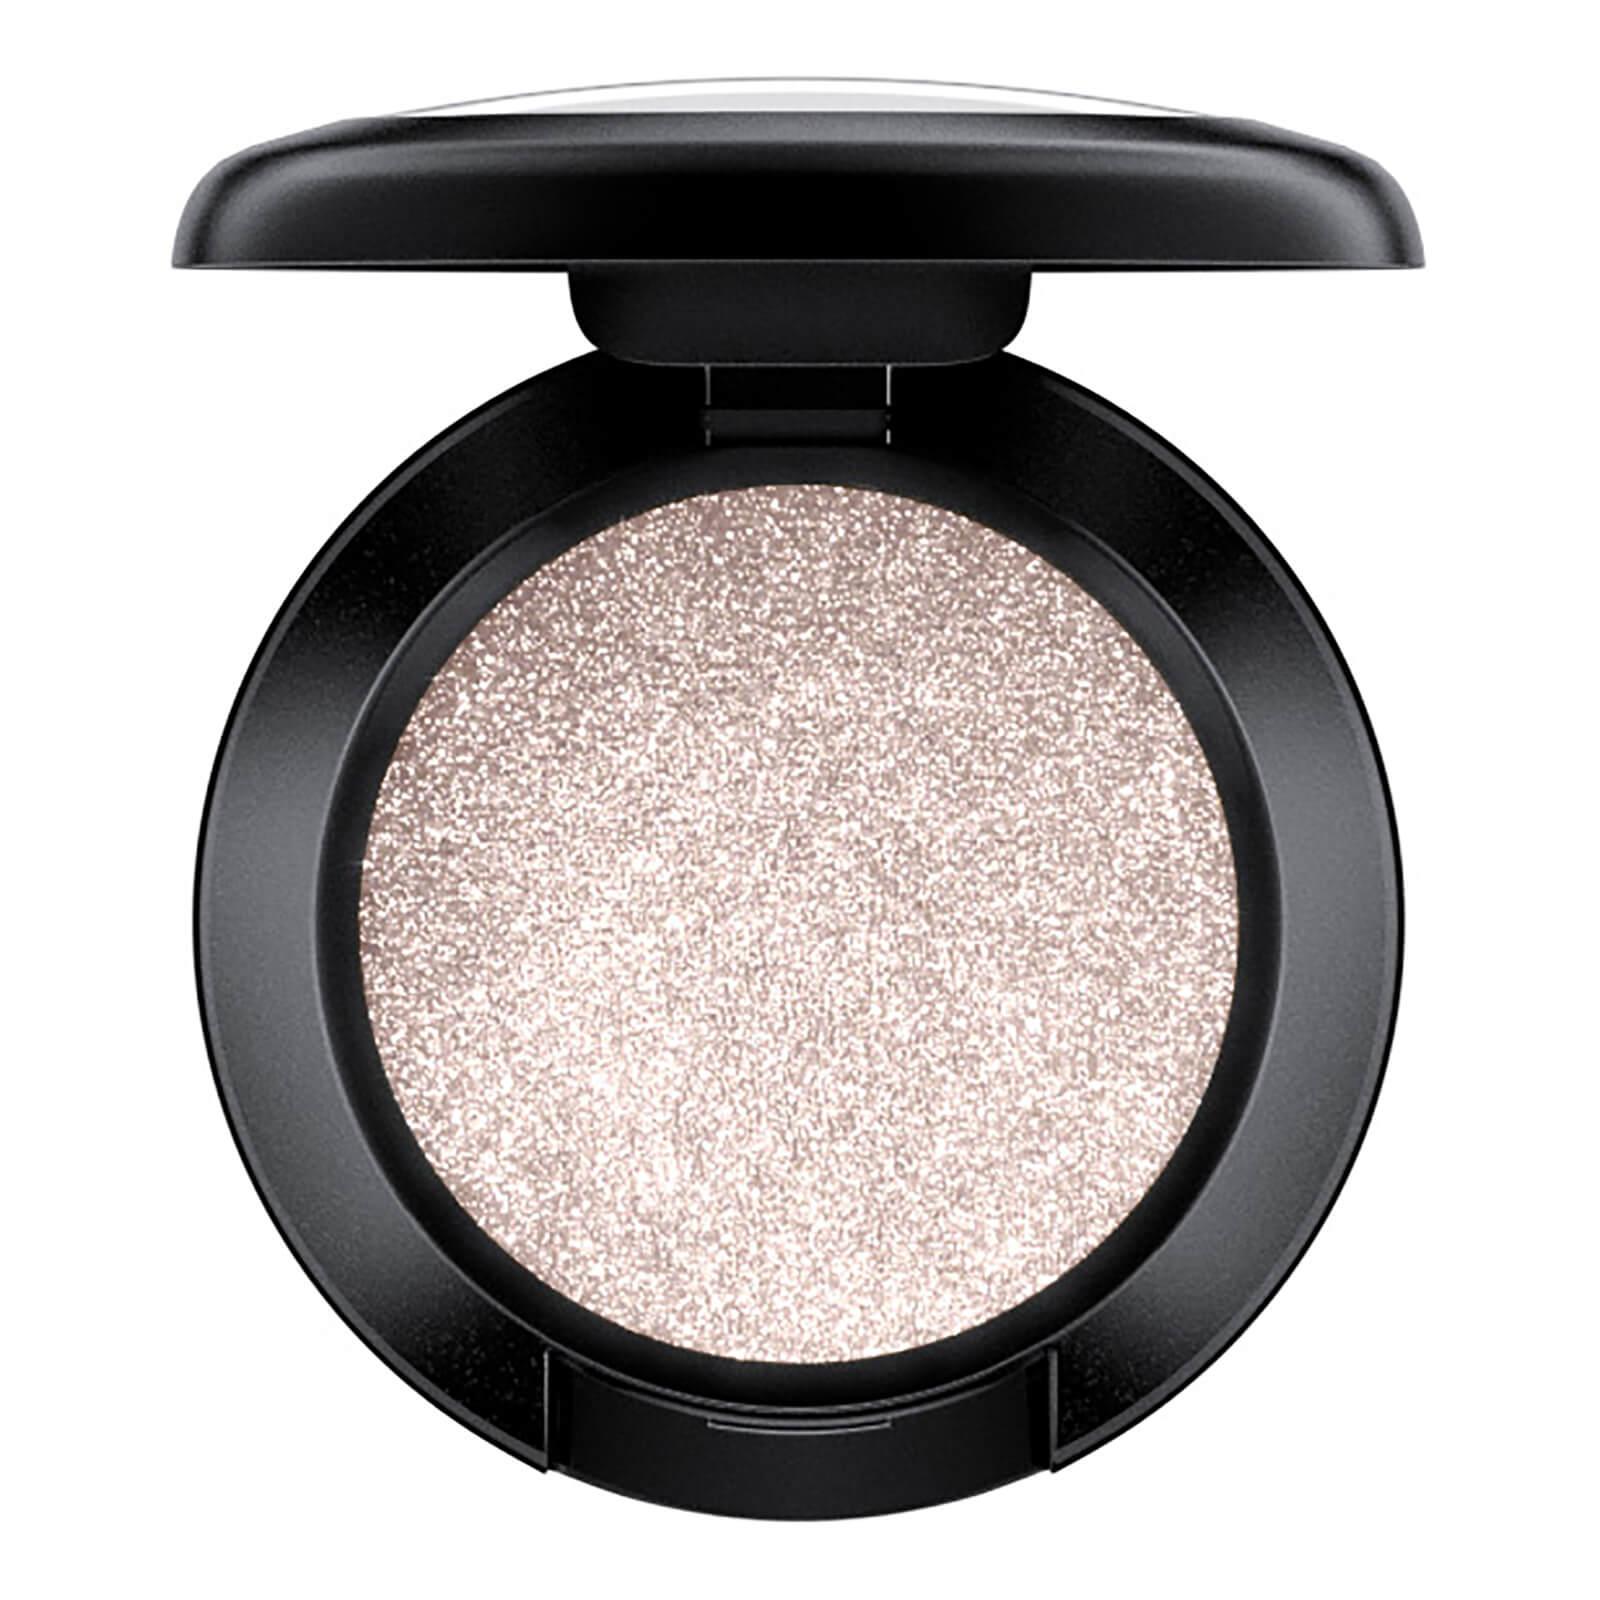 Mac Sombras de ojos  Pop Dazzleshadow (Varios Tonos) - She Sparkles